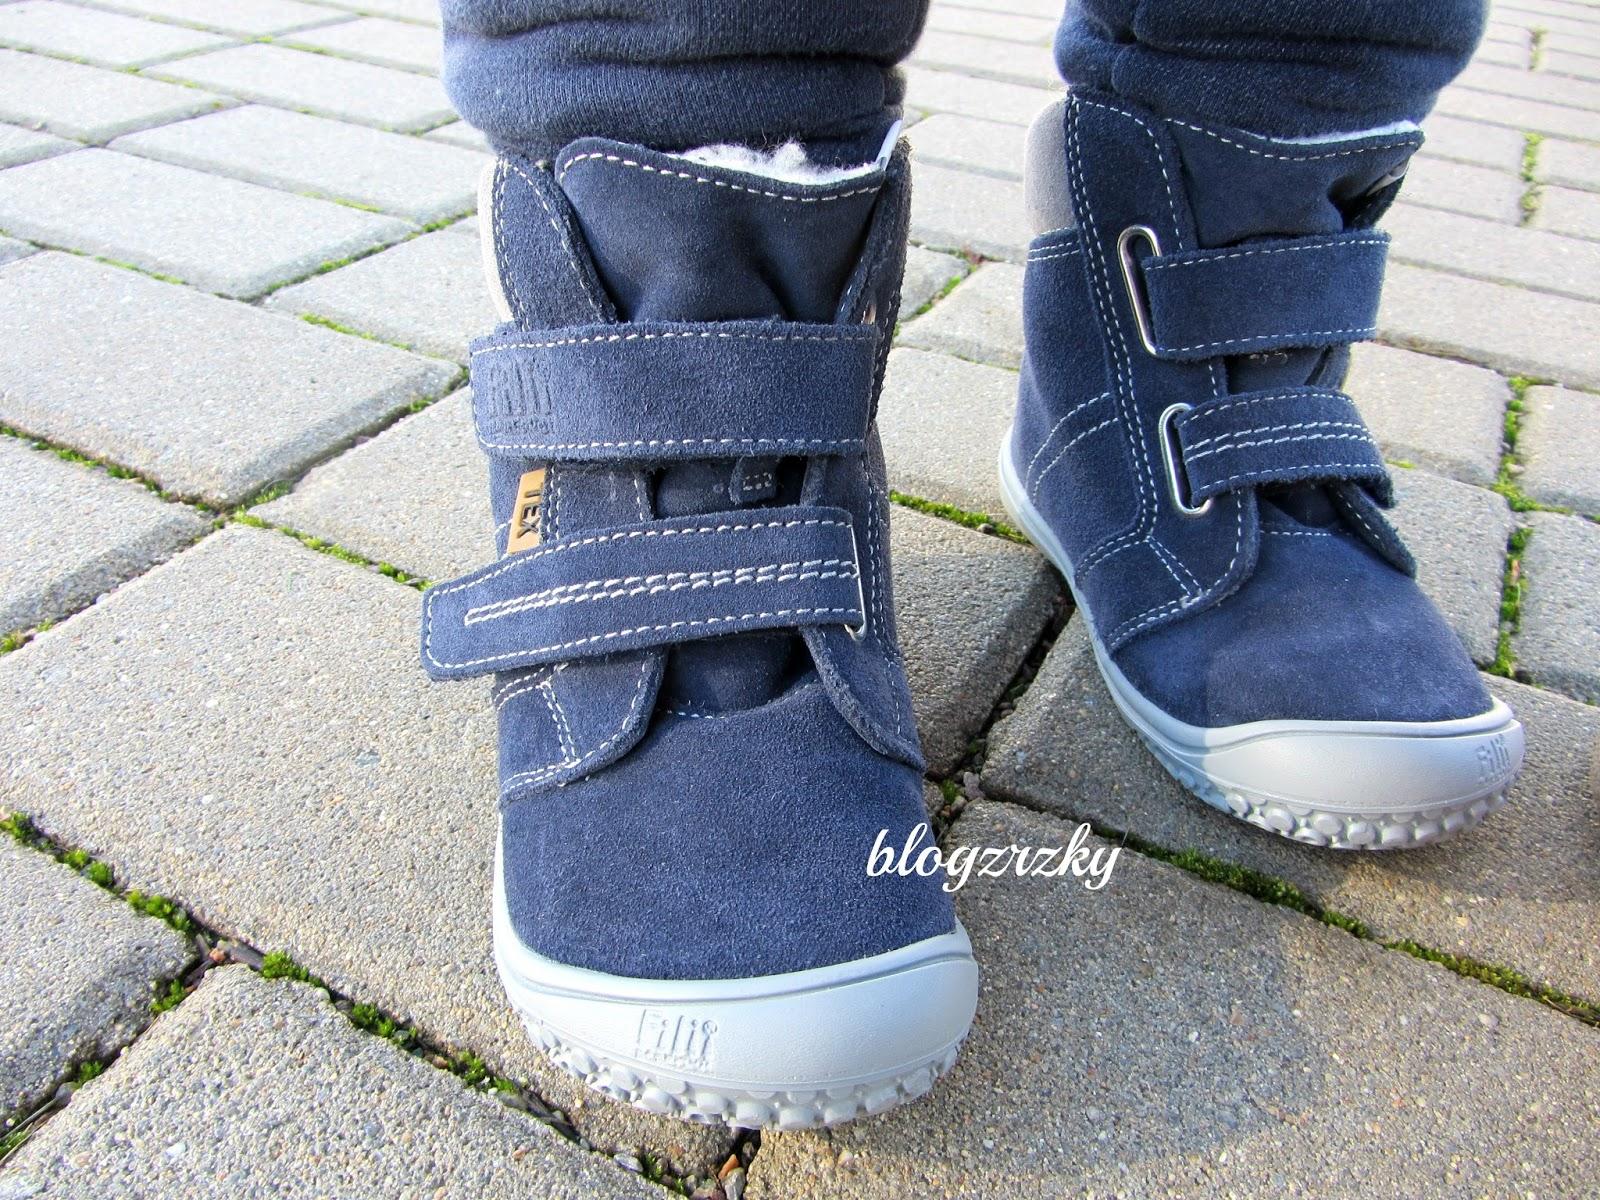 Filii dělají několik variant zimních bot - broušená kůže hladká kůže ad0e0551e8